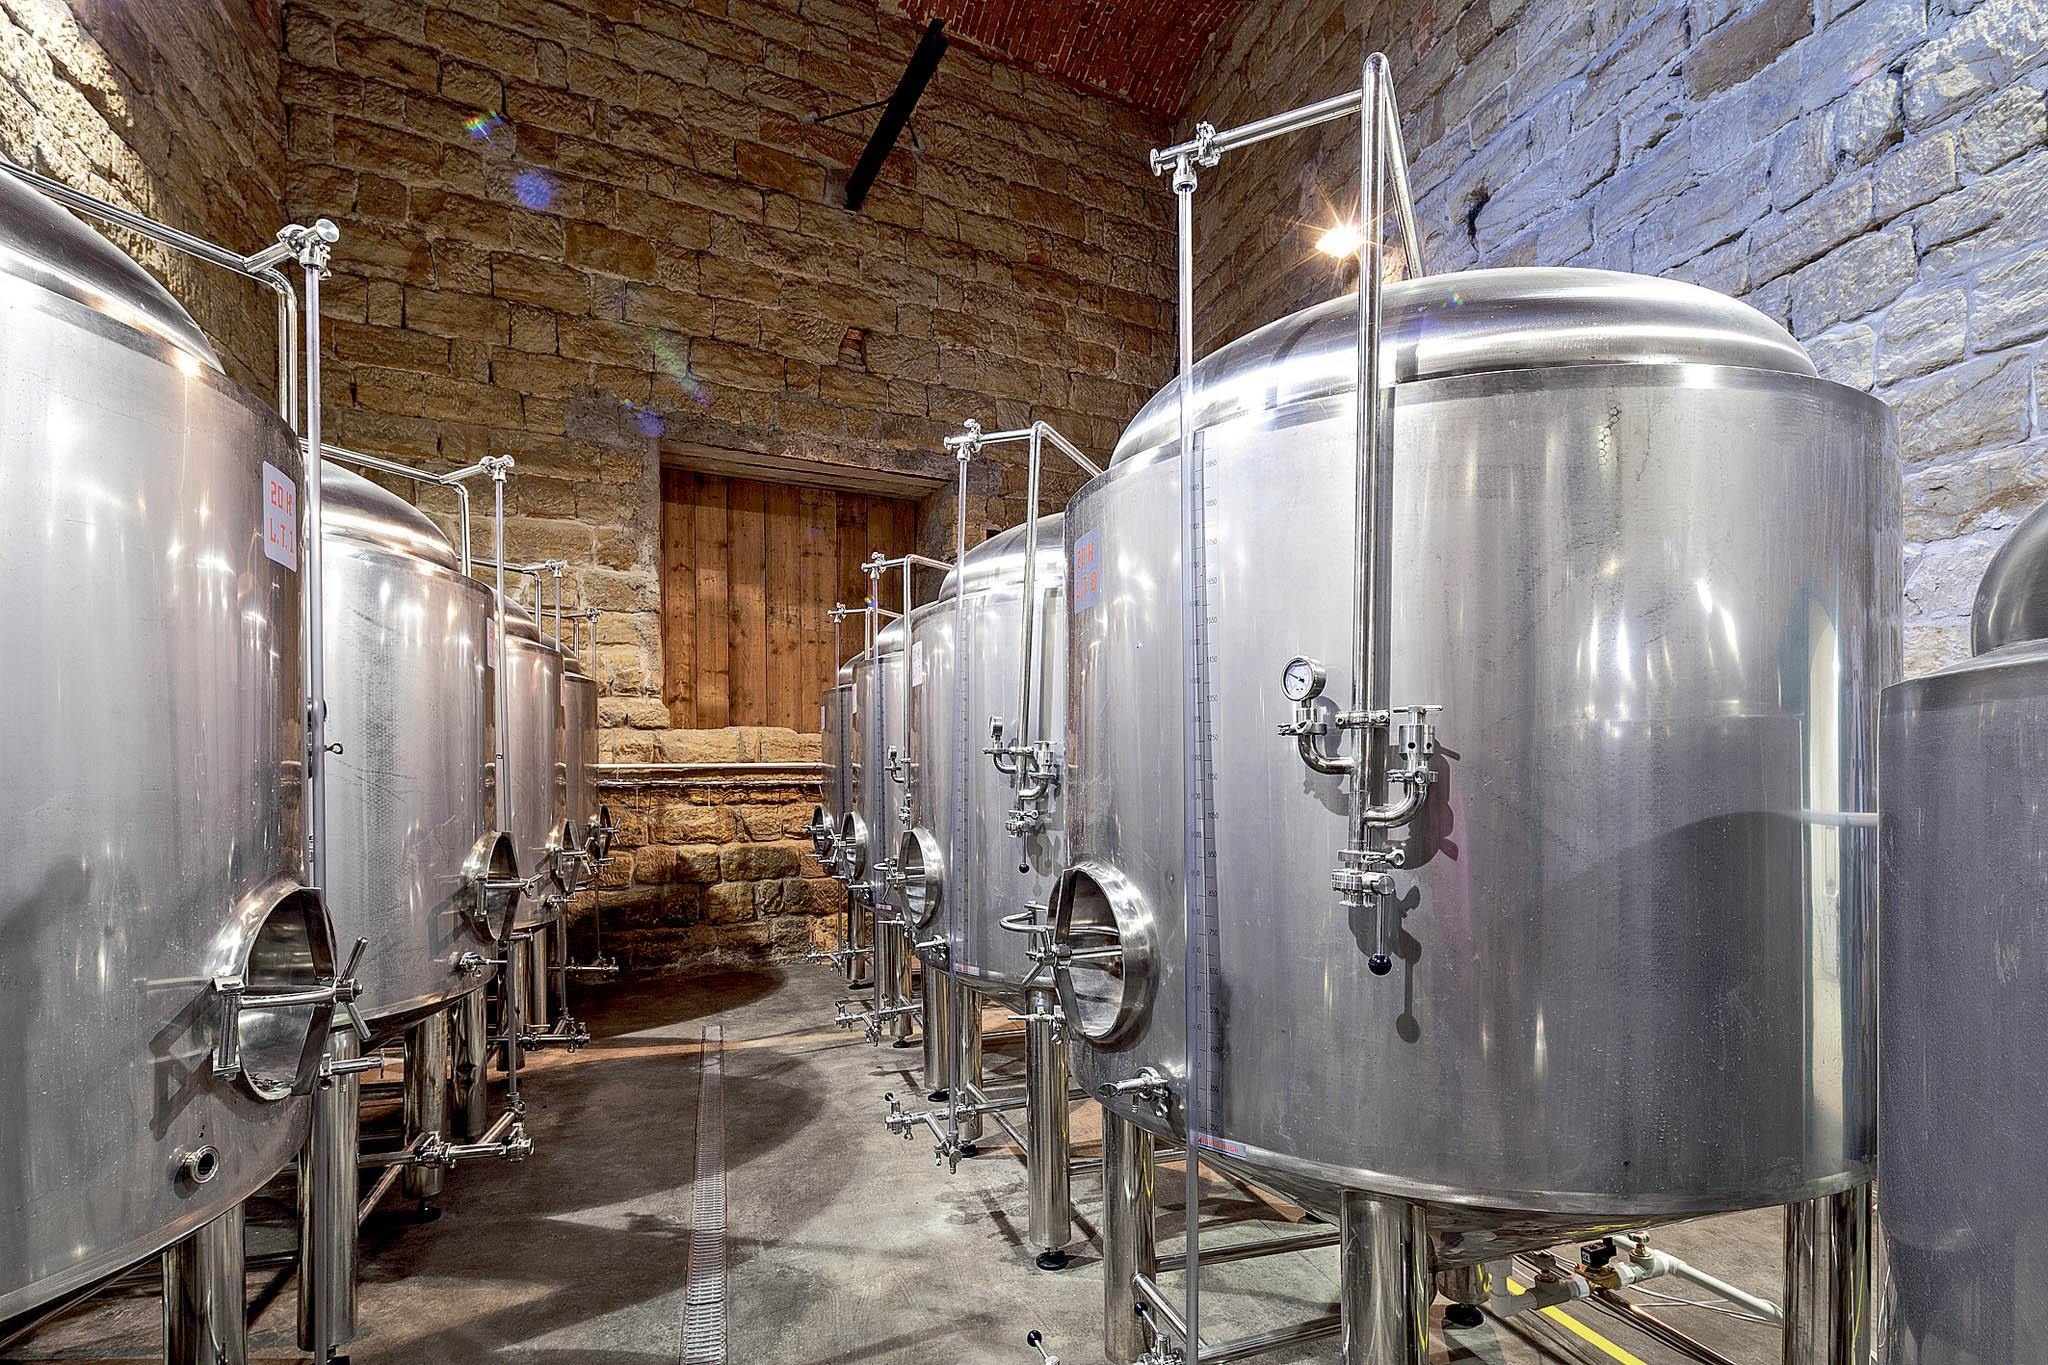 VLobči se opět vaří pivo, konají se tu prohlídky historických prostor ahosté se zde mohou ubytovat.